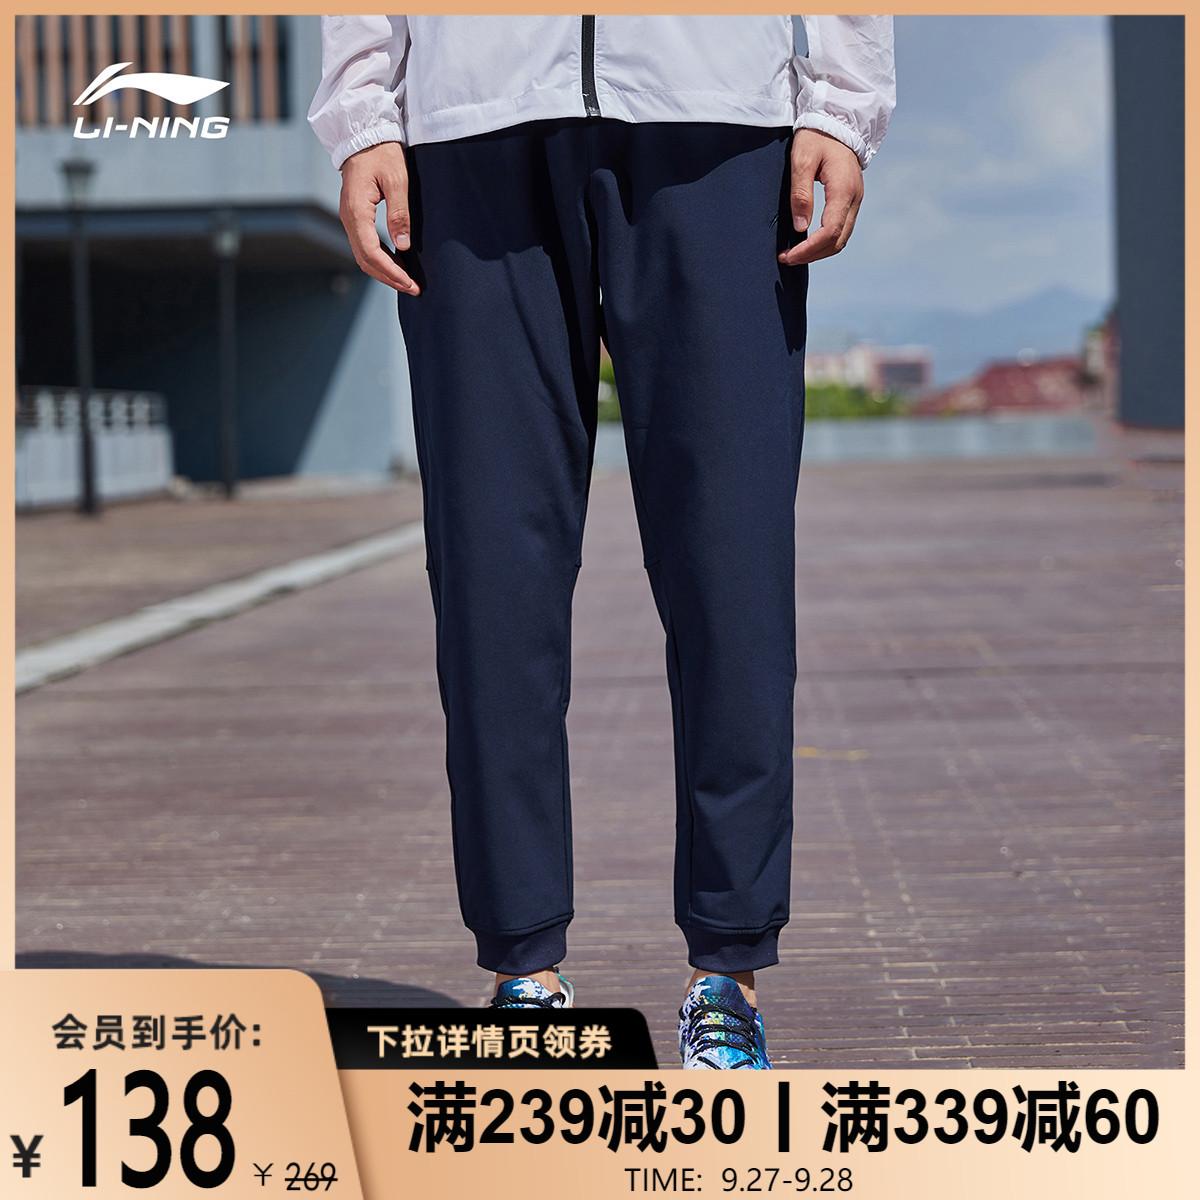 李宁运动长裤男士训练系列官网旗舰裤子男装束脚收口运动长裤